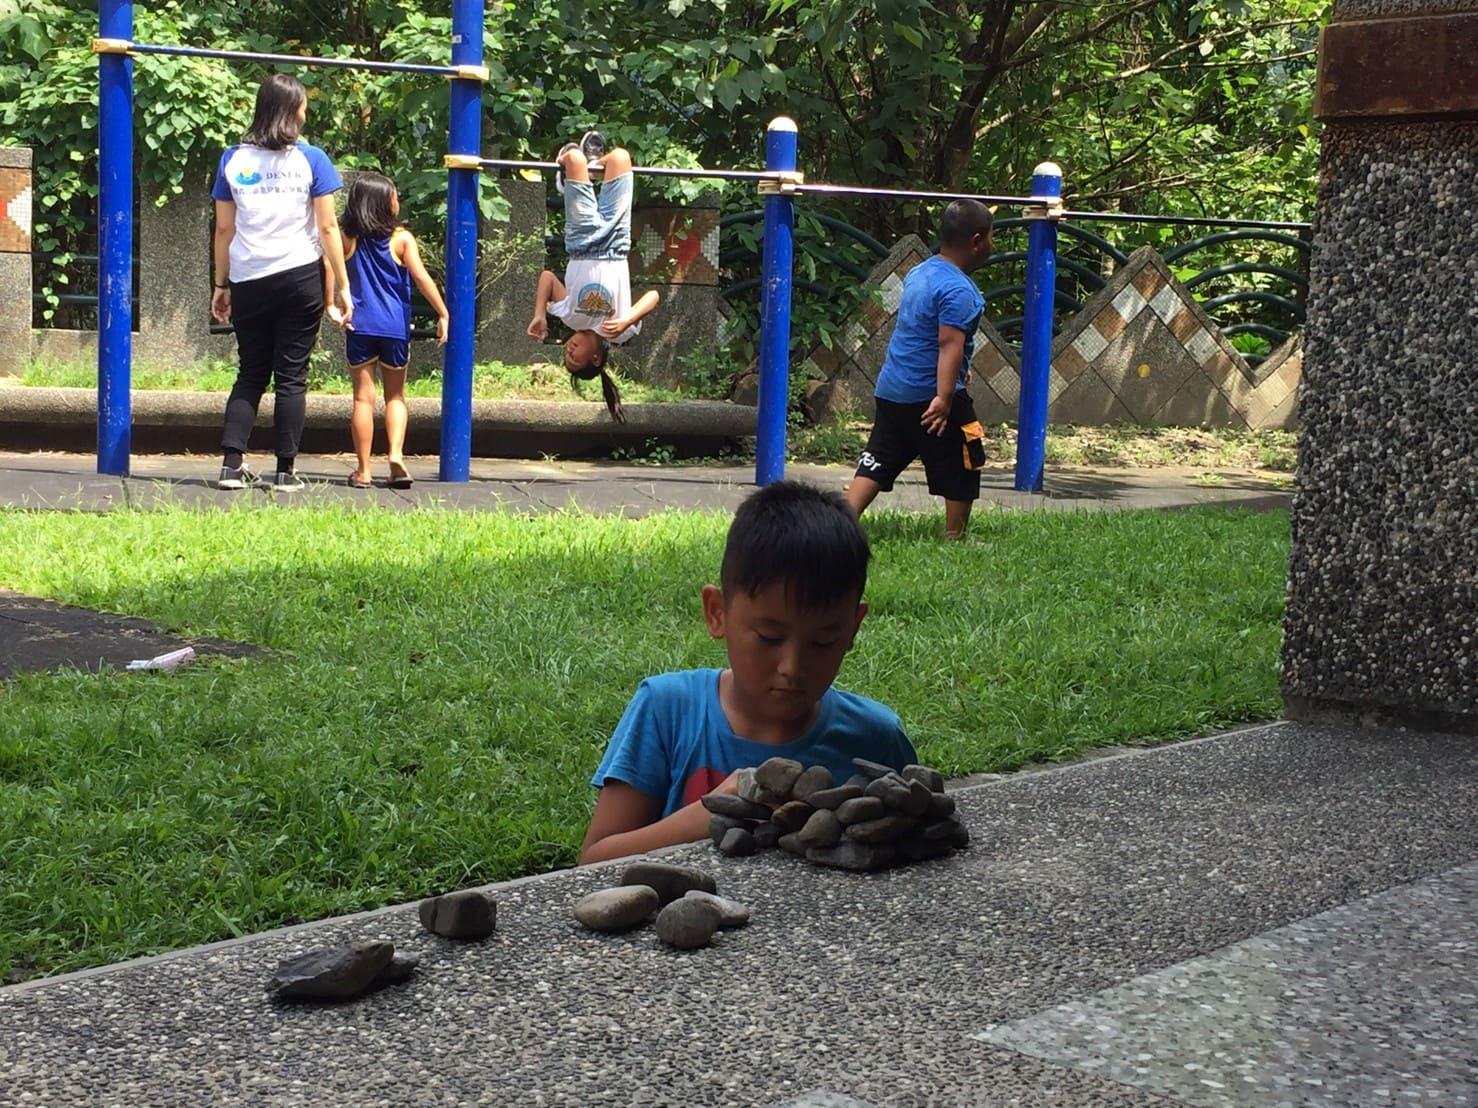 人和國小 教學- 與孩子們最珍貴的時刻